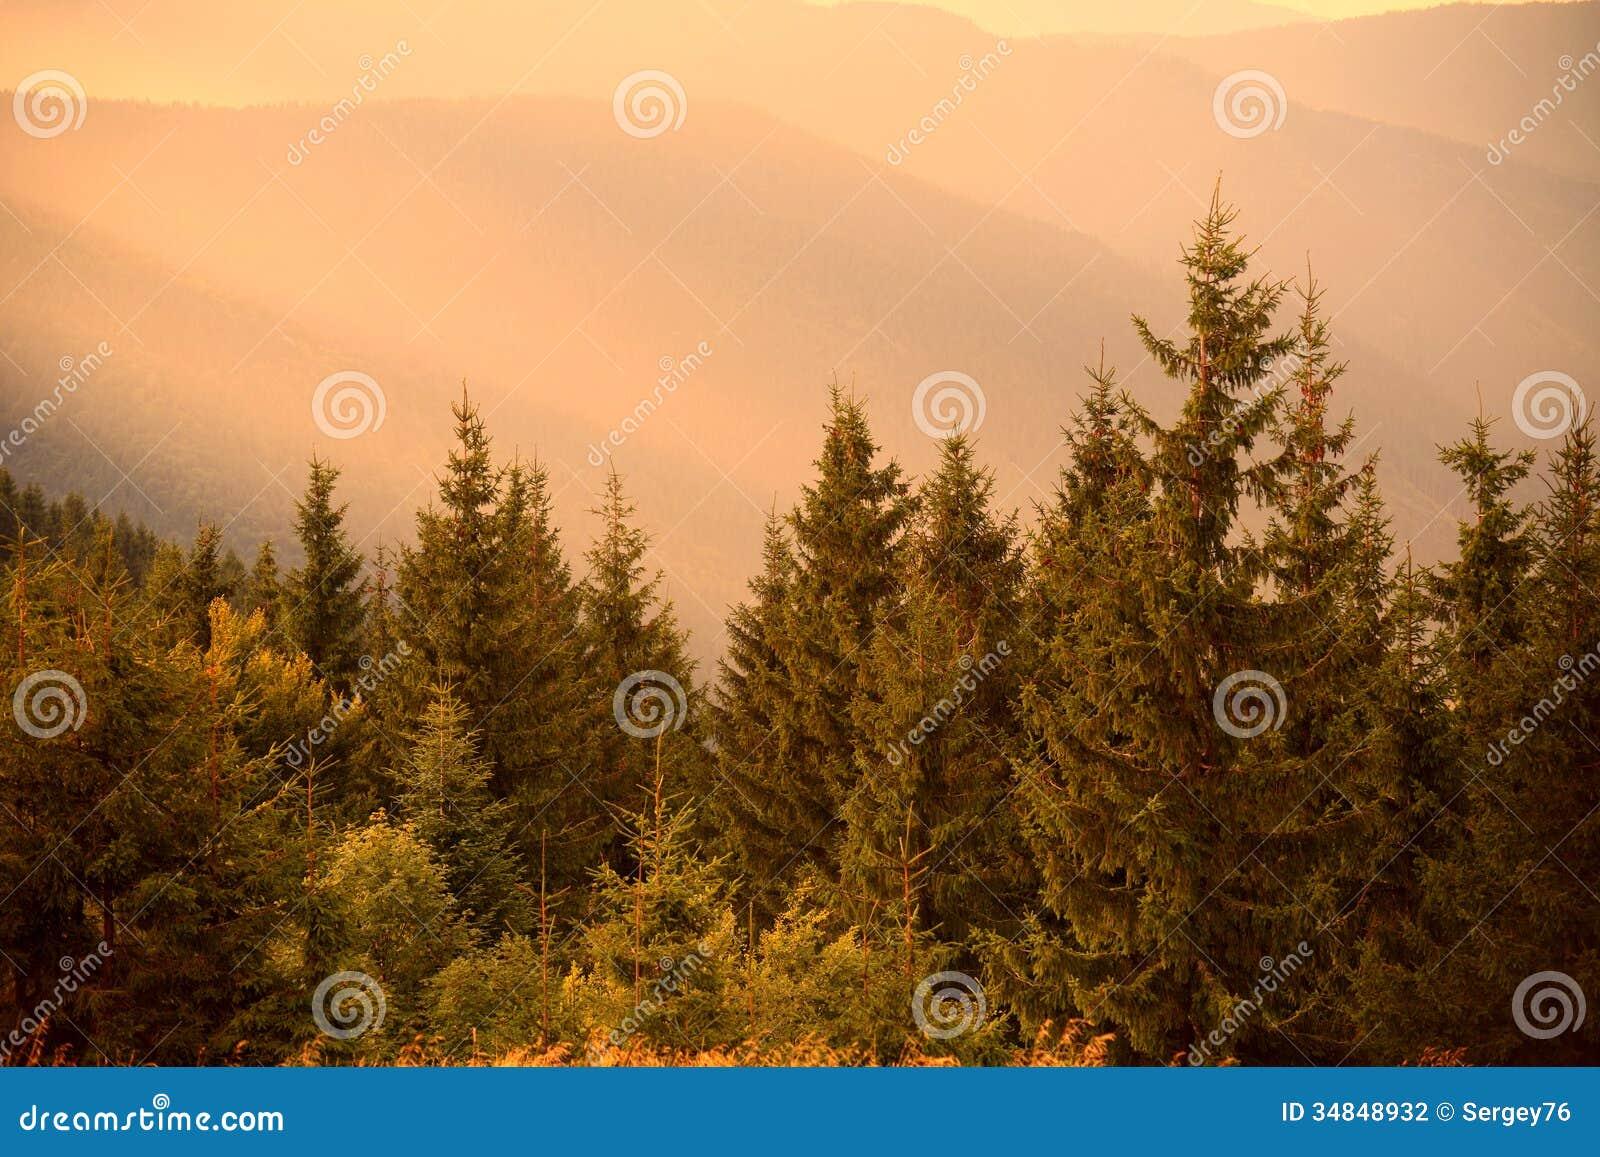 Pijnboombomen in warme zon lichte en nevelige heuvels